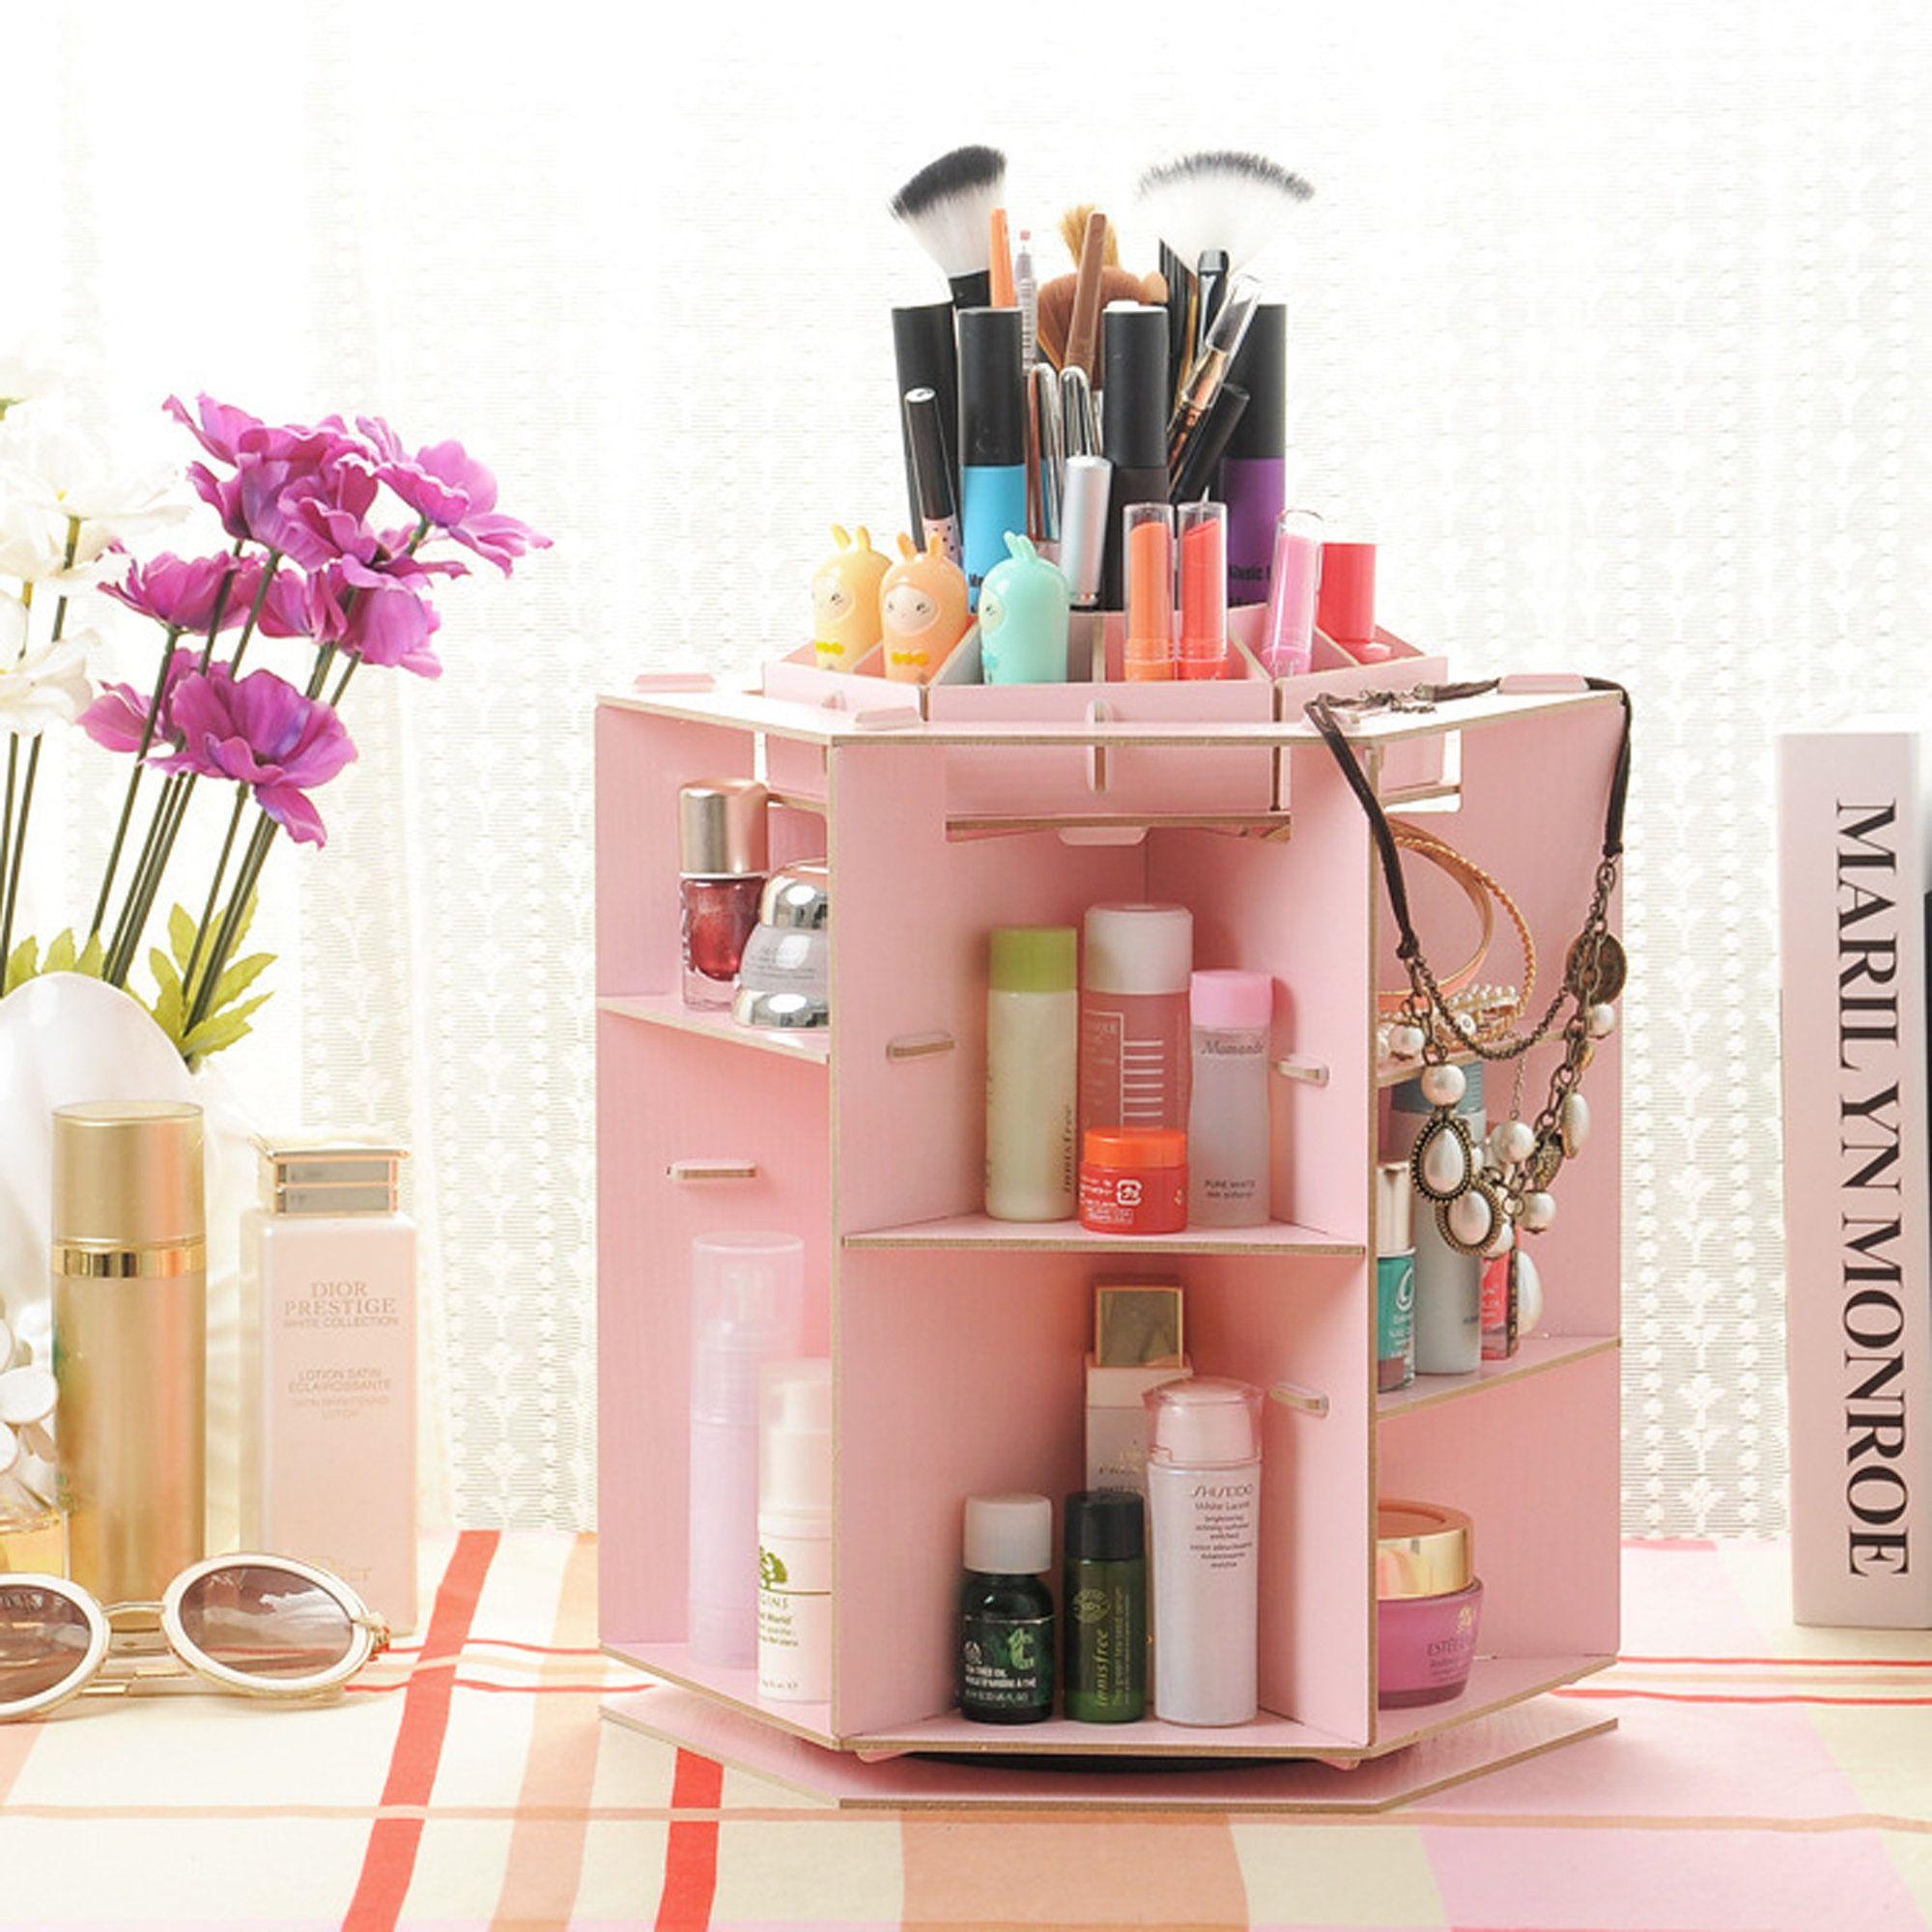 Photo of Rotation Wooden Makeup Organizer, Makeup Container, Makeup Vanity, Perfume Organizer, Makeup Storage Box, Makeup Organizer Box